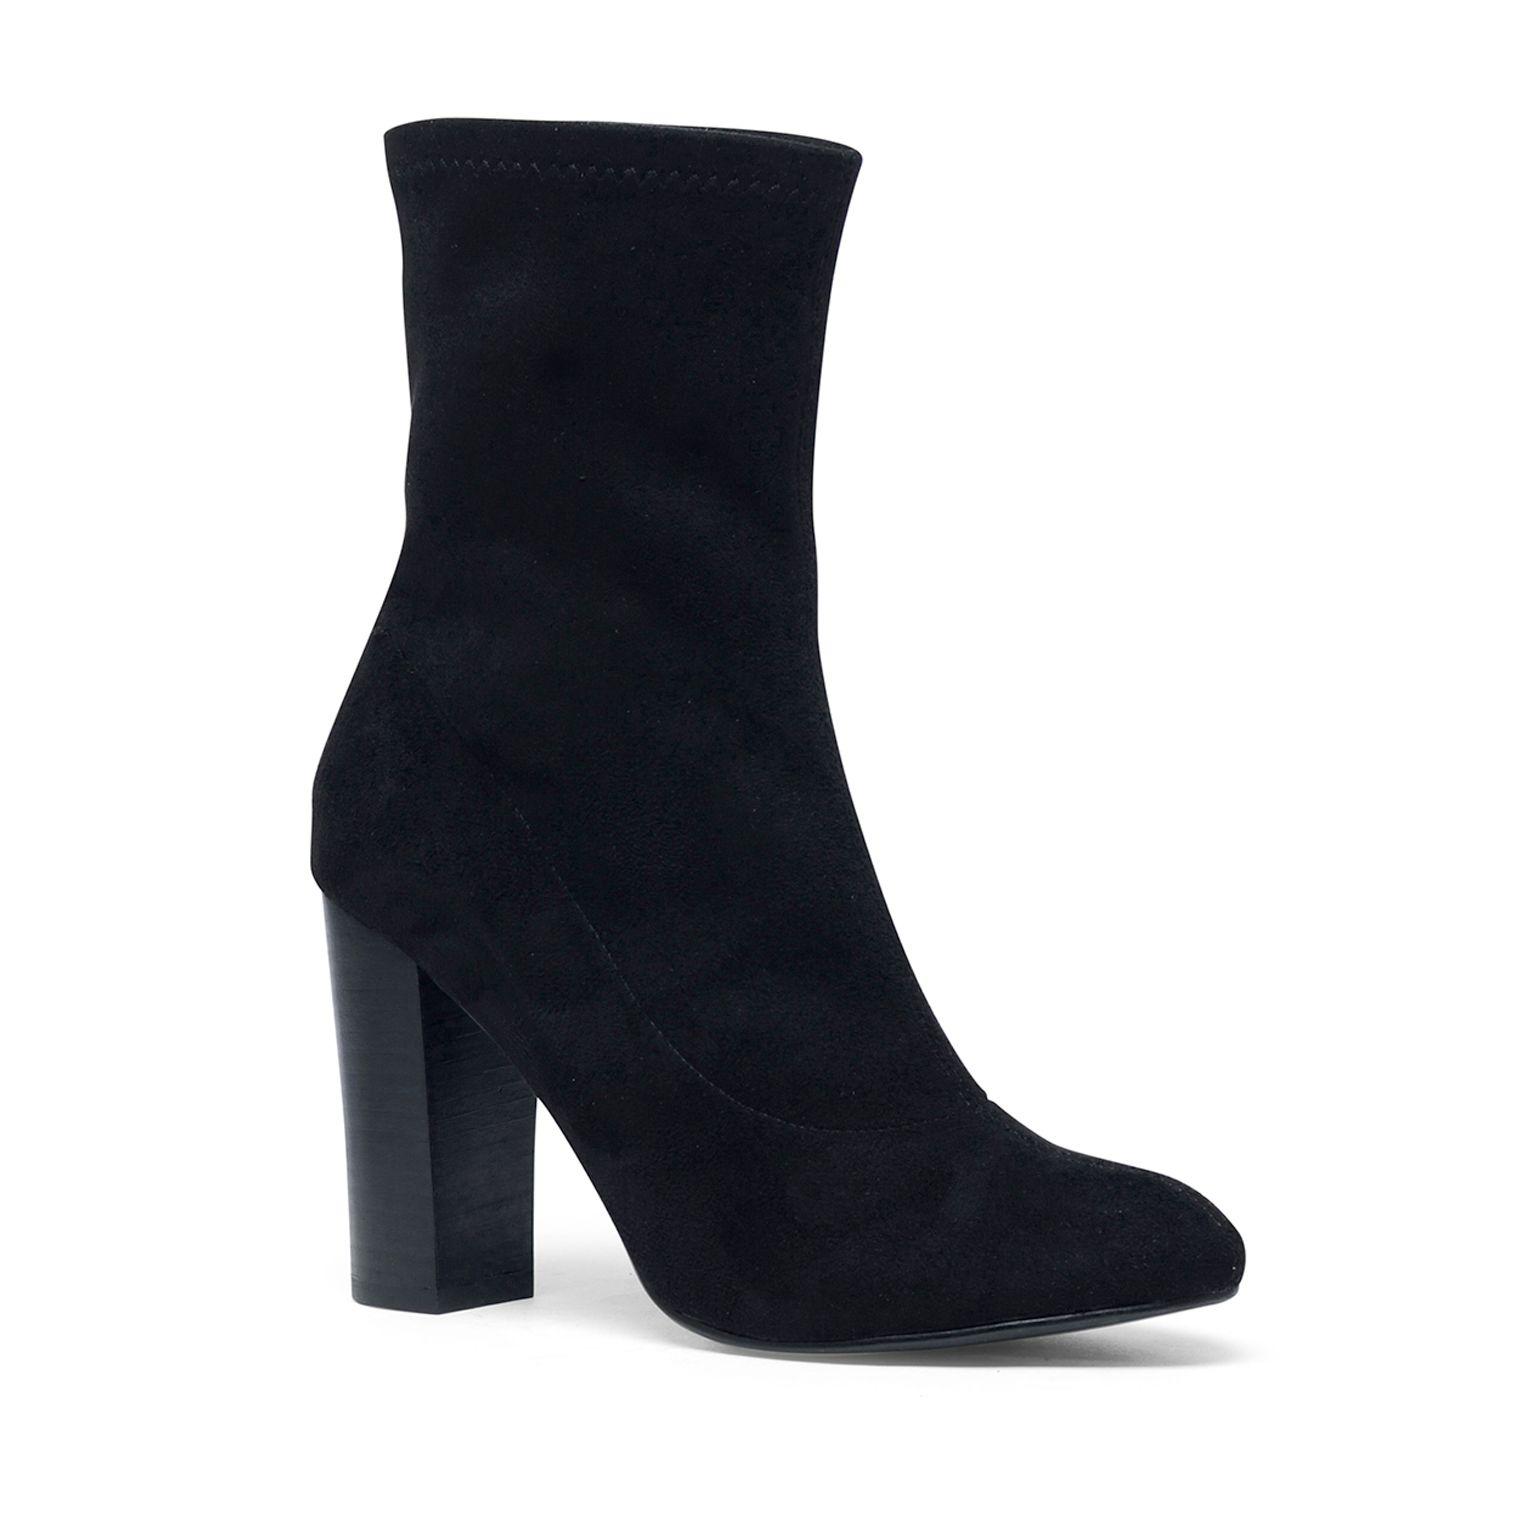 schwarze stiefel mit absatz damenschuhe